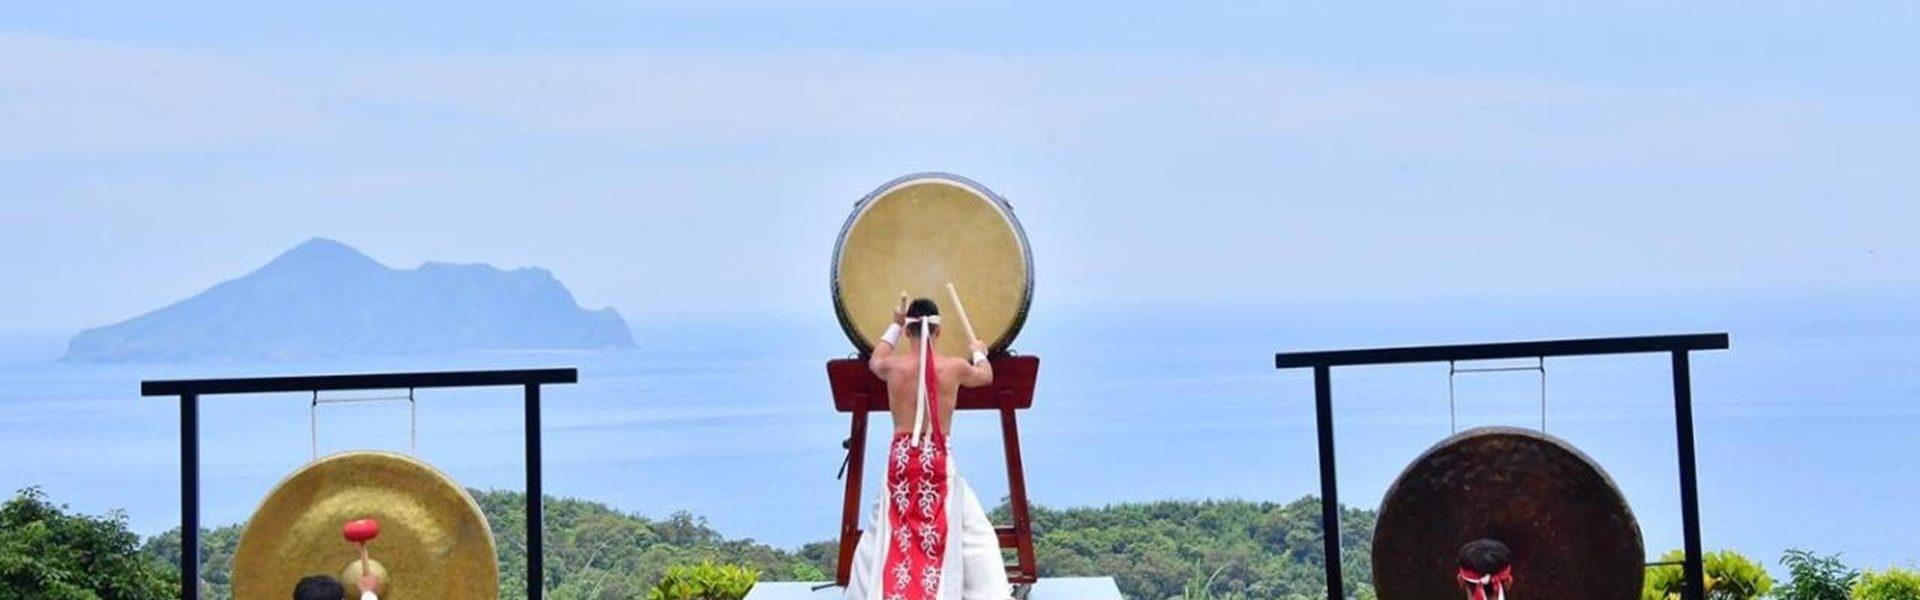 【宜蘭頭城溫泉住宿推薦】能看見龜山島的宜蘭頭城溫泉住宿、溫泉飯店